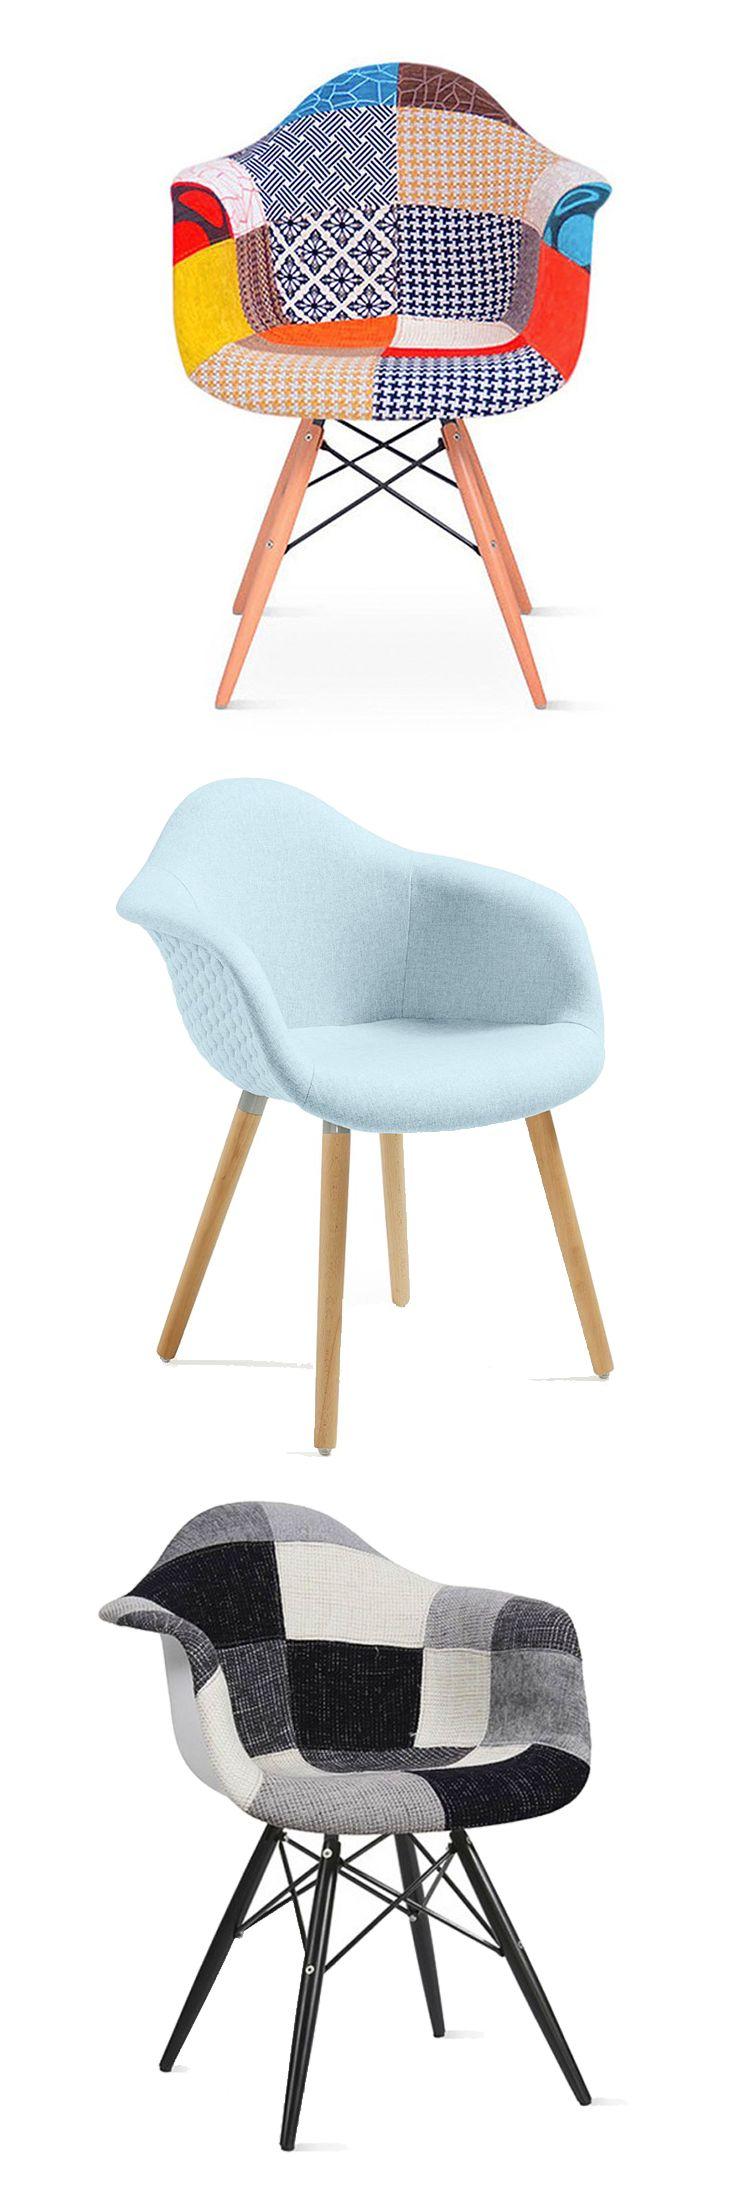 Sillas Nórdicas · Nordic Chairs